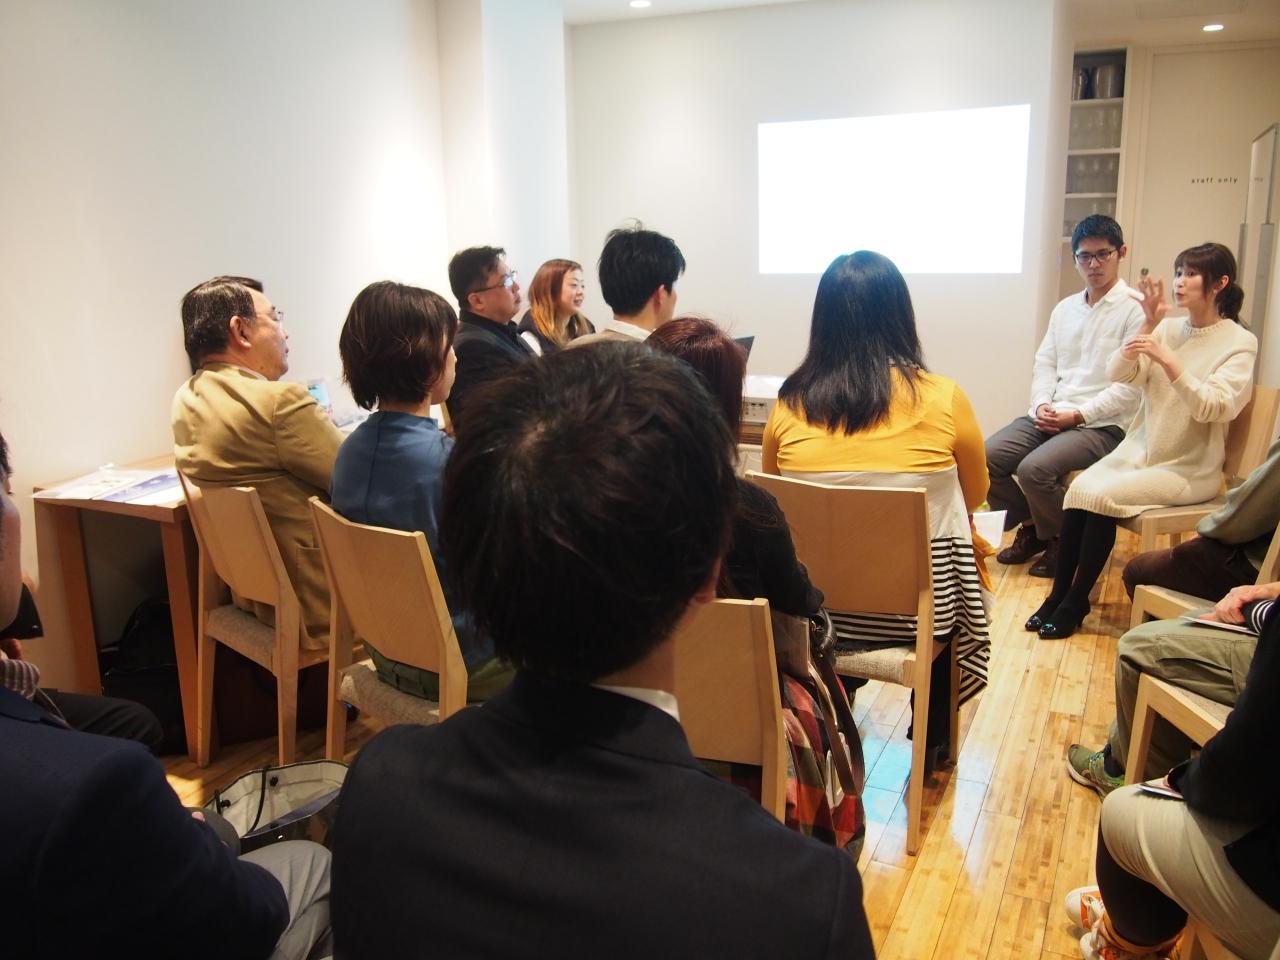 【開催レポート】東京のけせんぬま会「東京にいながら気仙沼のプロモーション」